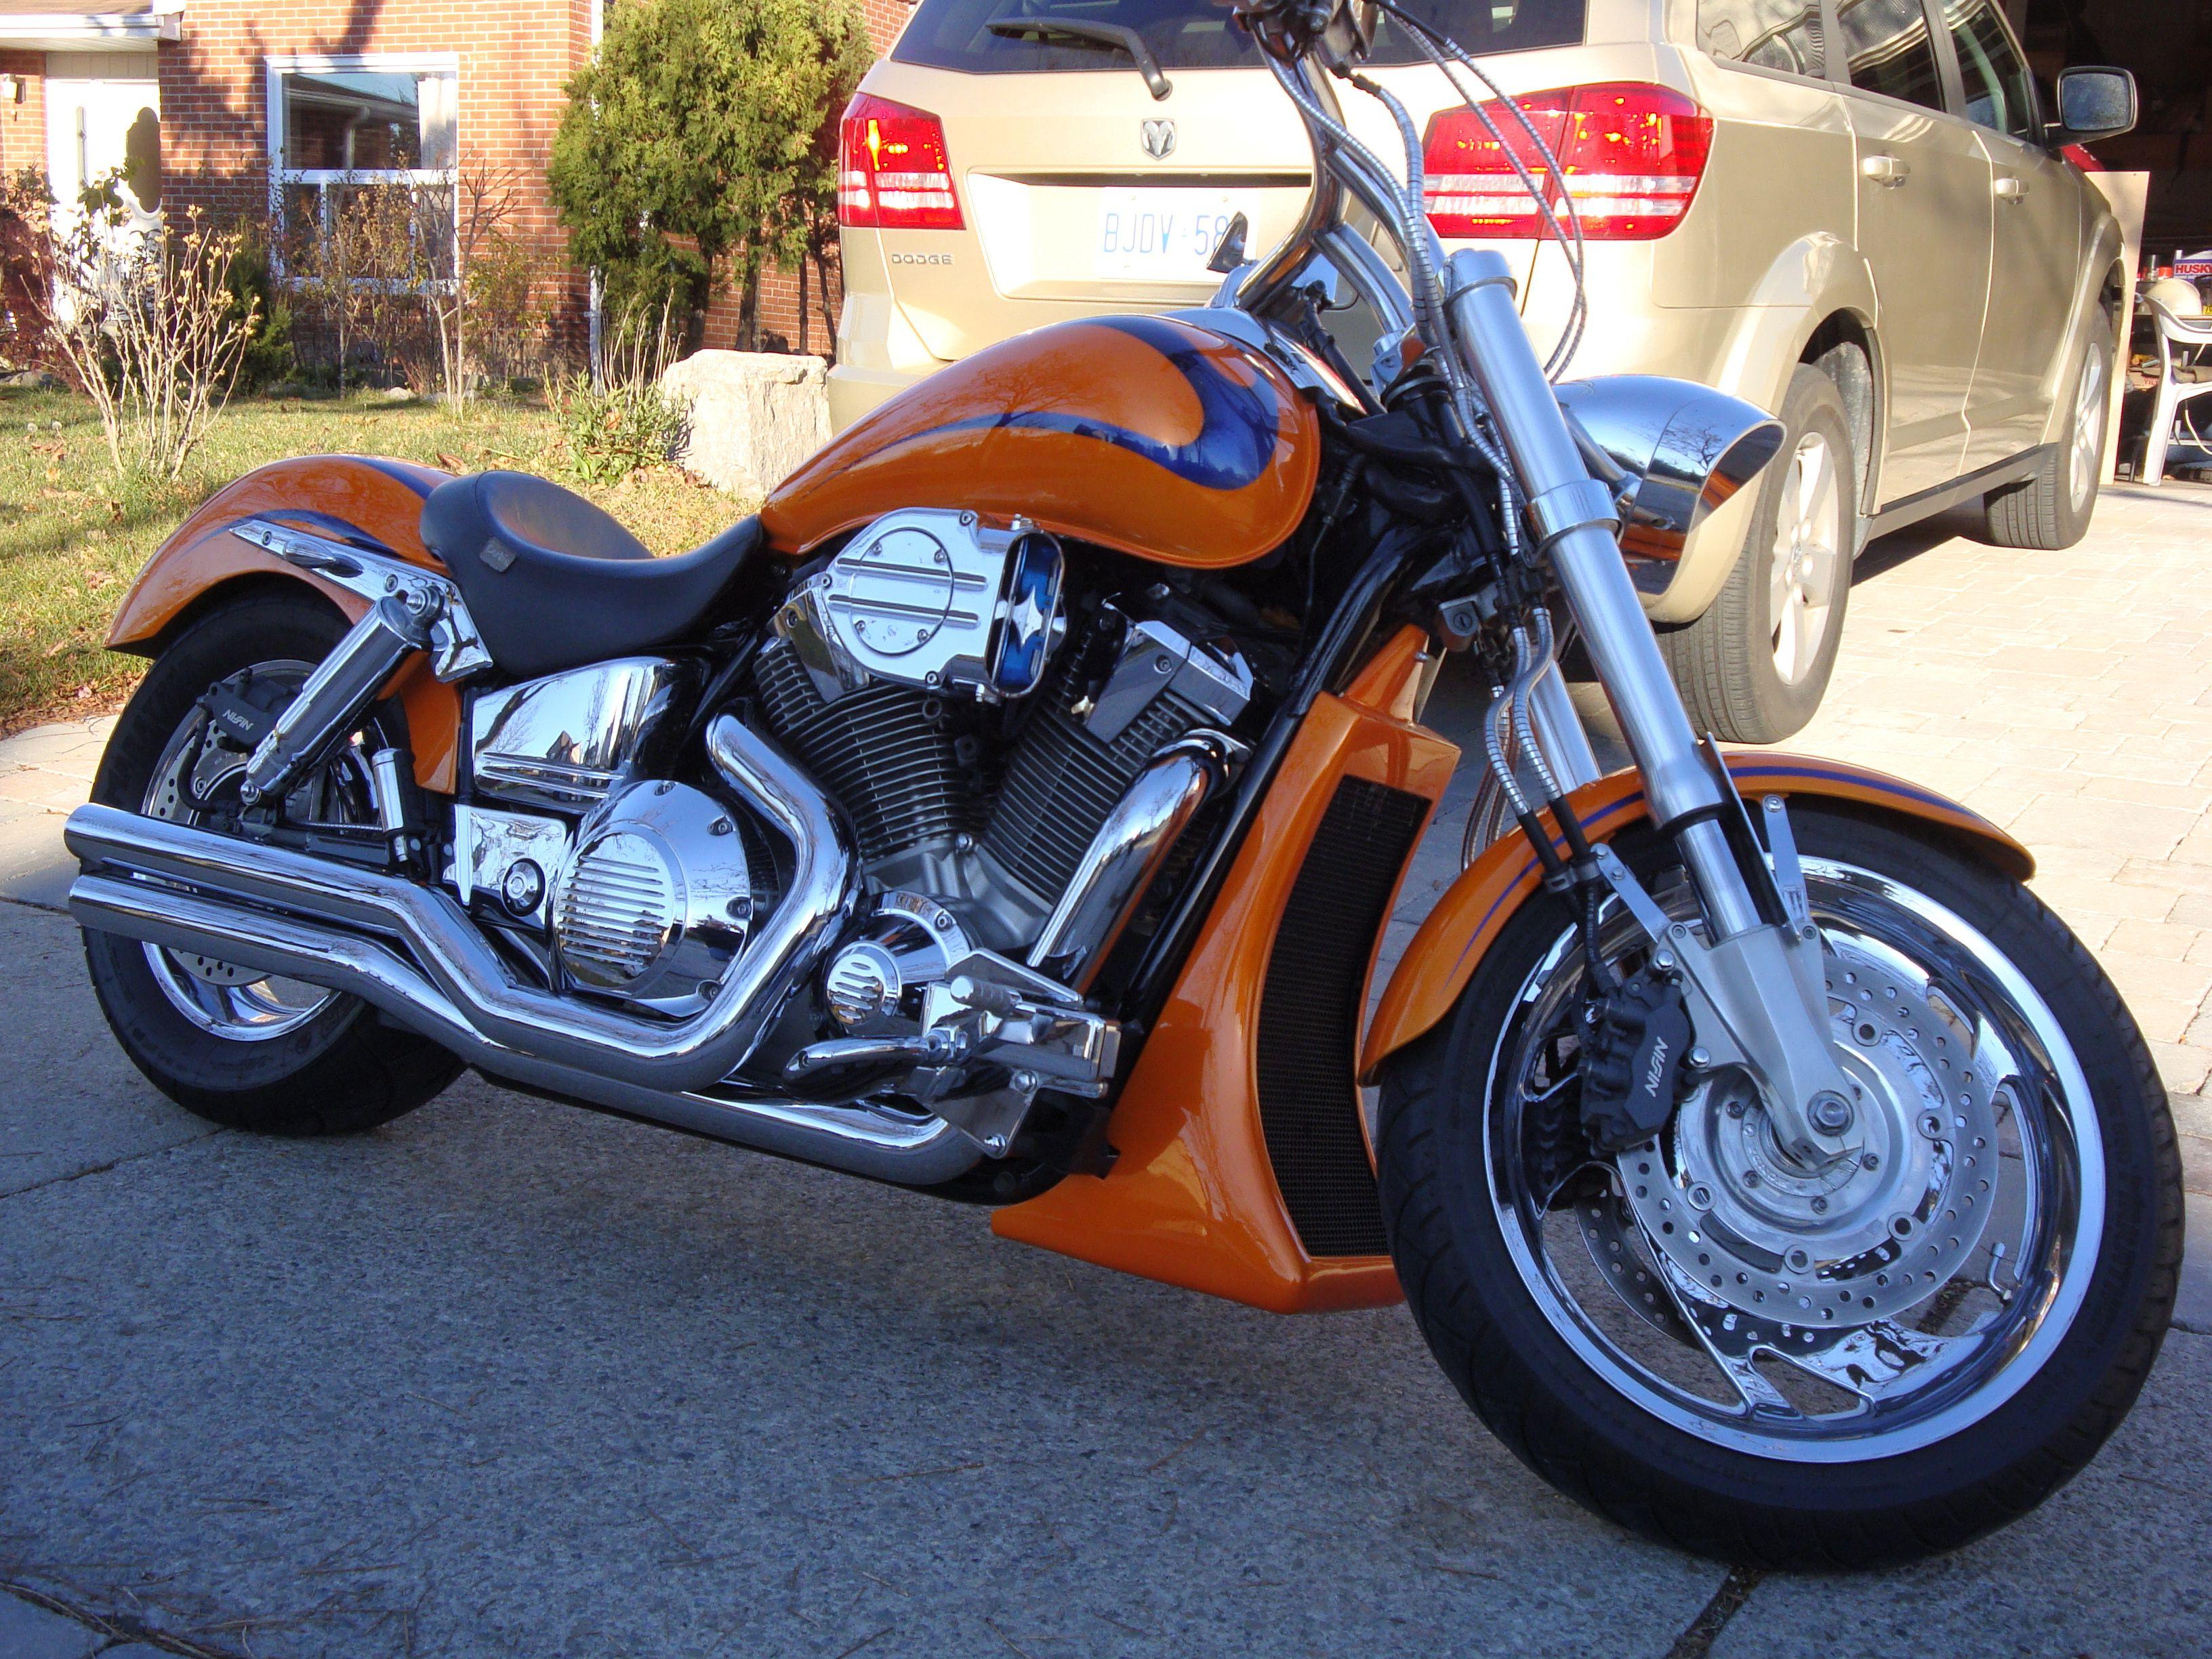 medium resolution of honda vtx 1800 honda motorcycles custom motorcycles custom bikes cars and motorcycles